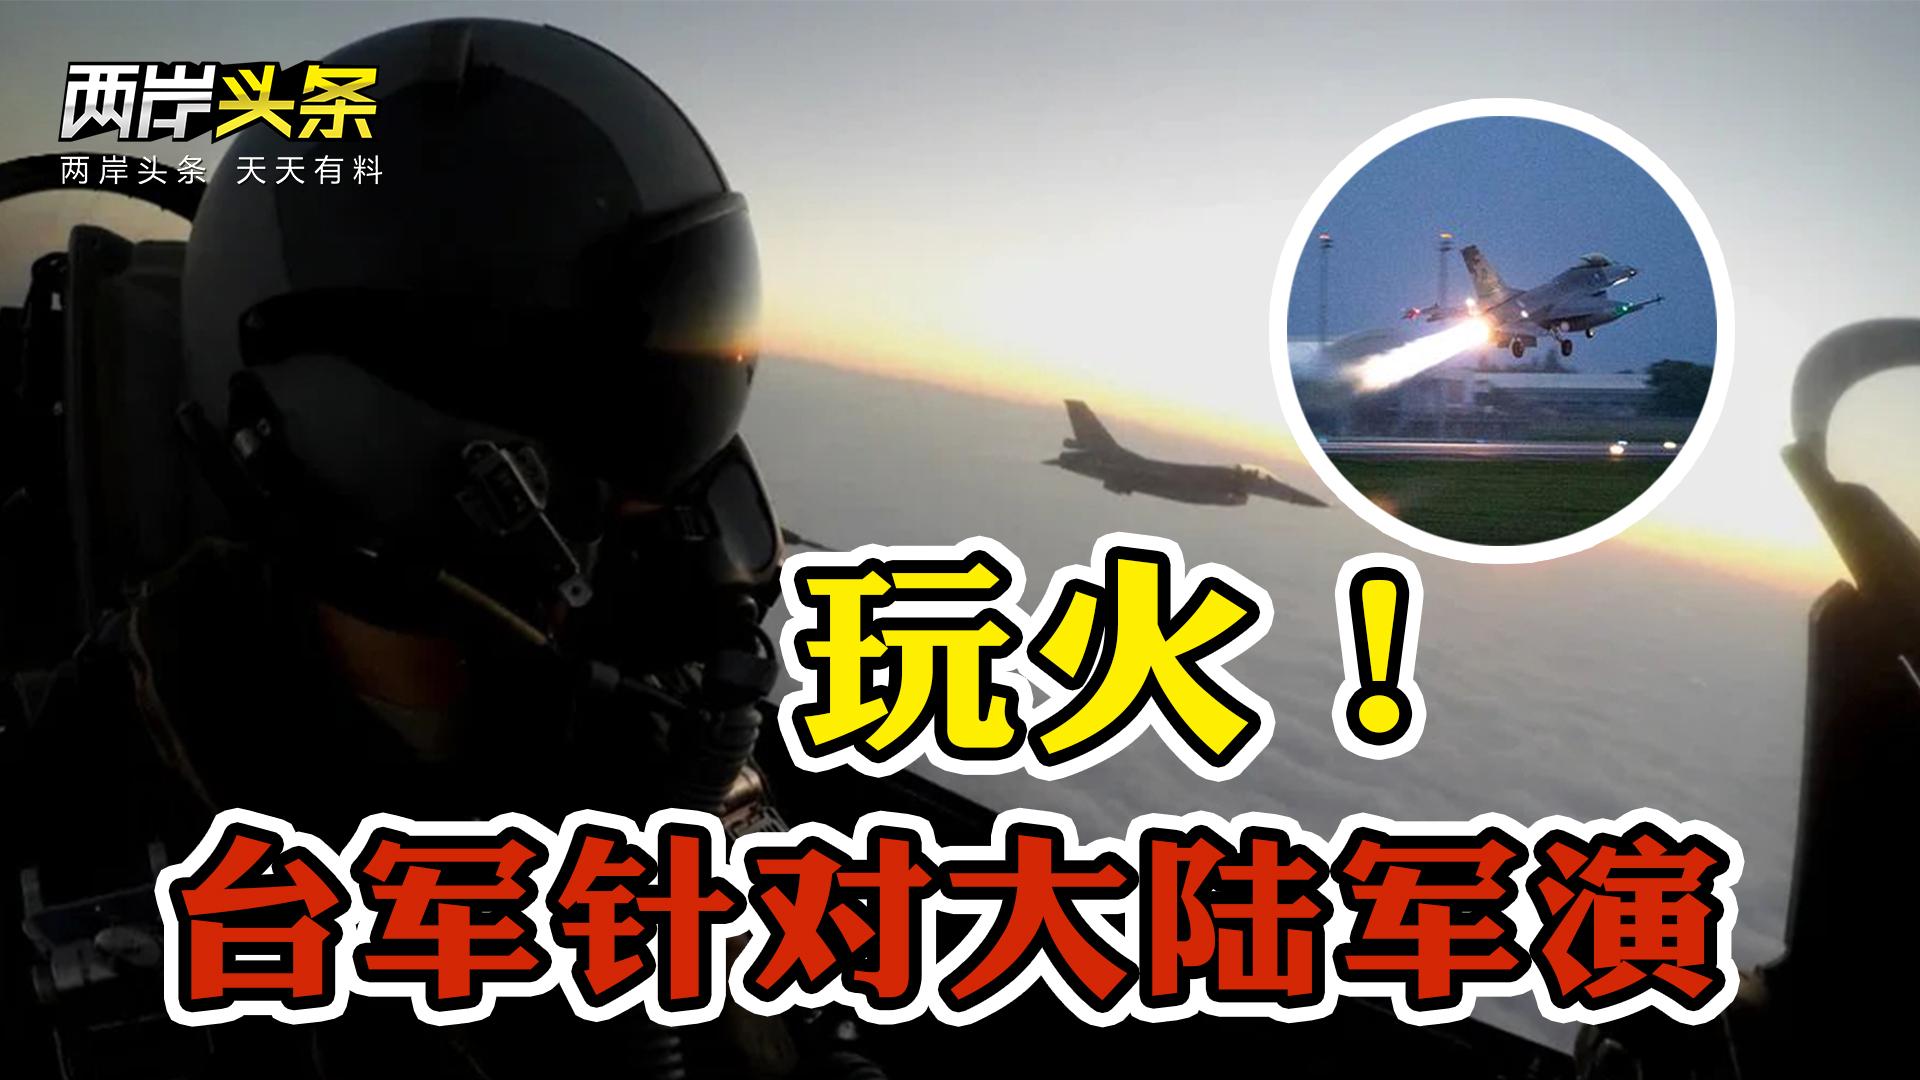 国台办接连发声批民进党当局 台军针对大陆军演 请香港人赴台当兵?图片